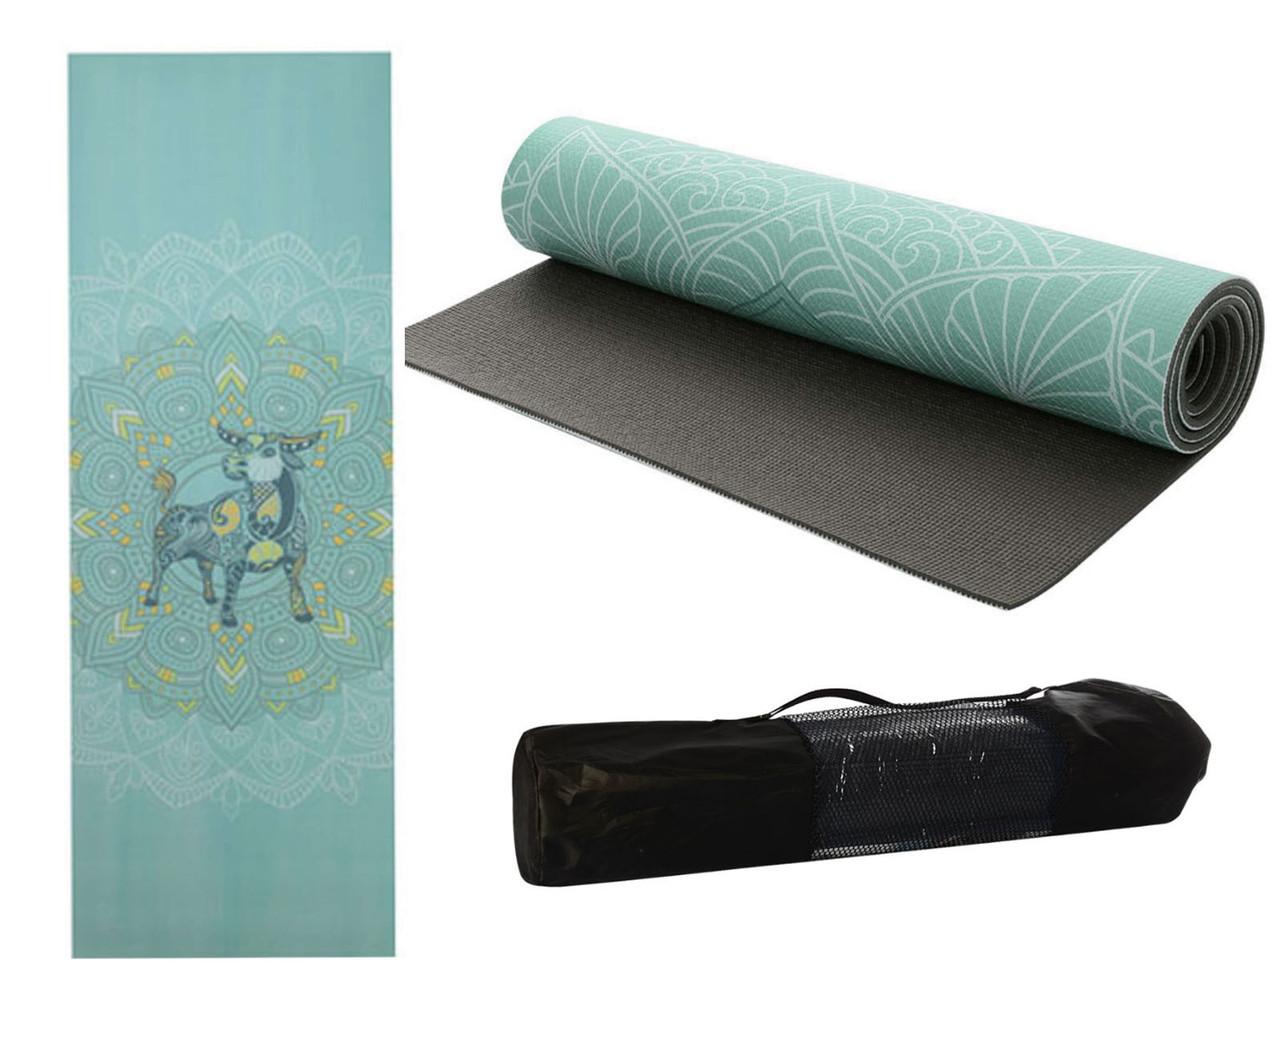 Коврик для йоги и фитнеса Zodiac 173х61см, 6мм + чехол в подарок!